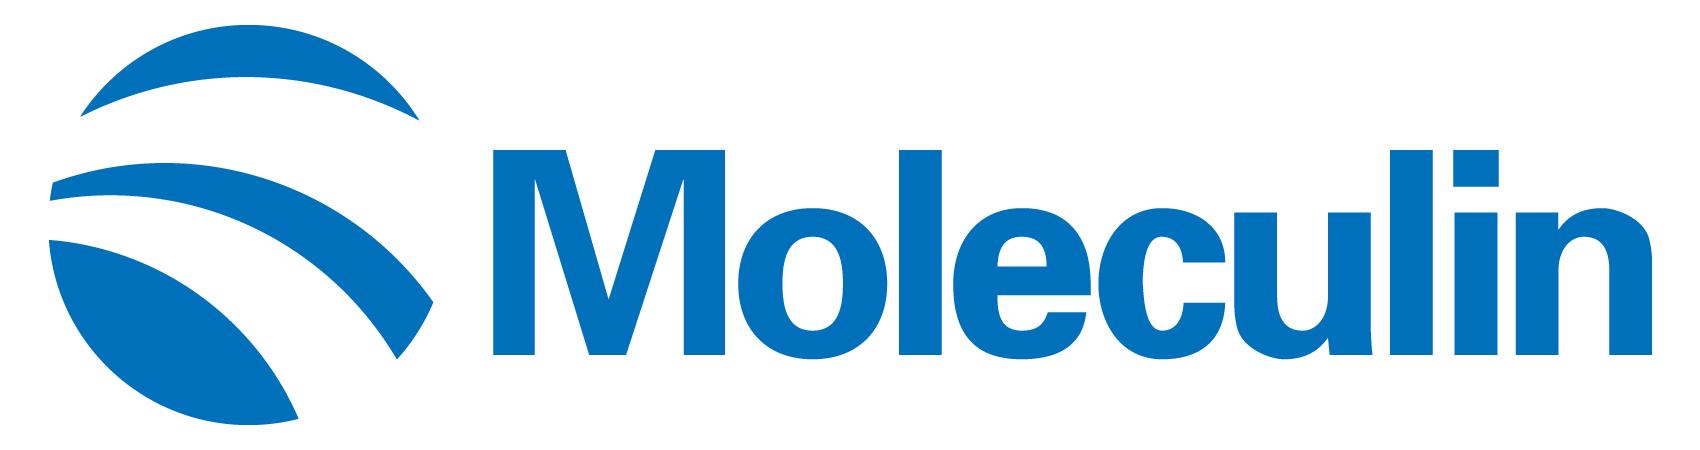 MOLECULIN-LOGO_HORIZA51.JPG